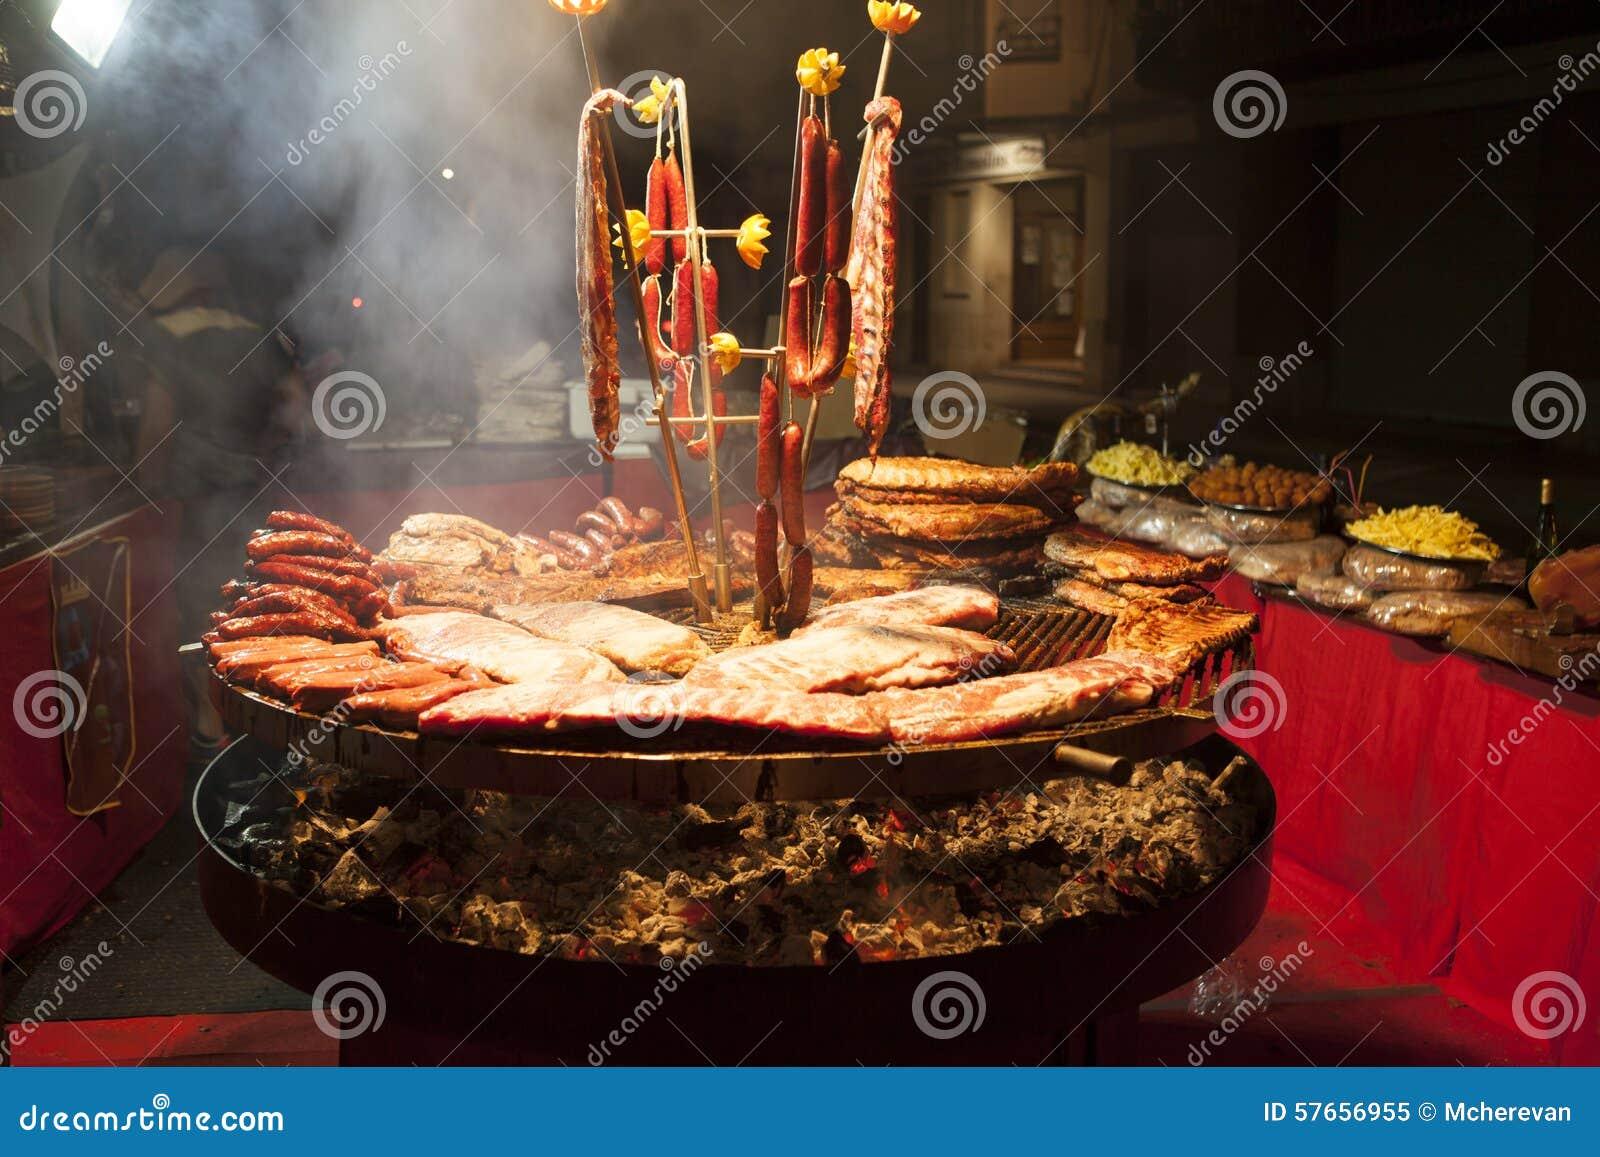 Wyśmienity mięso składa wieprzowina ziobro, kiełbasy, na wielkim grillu